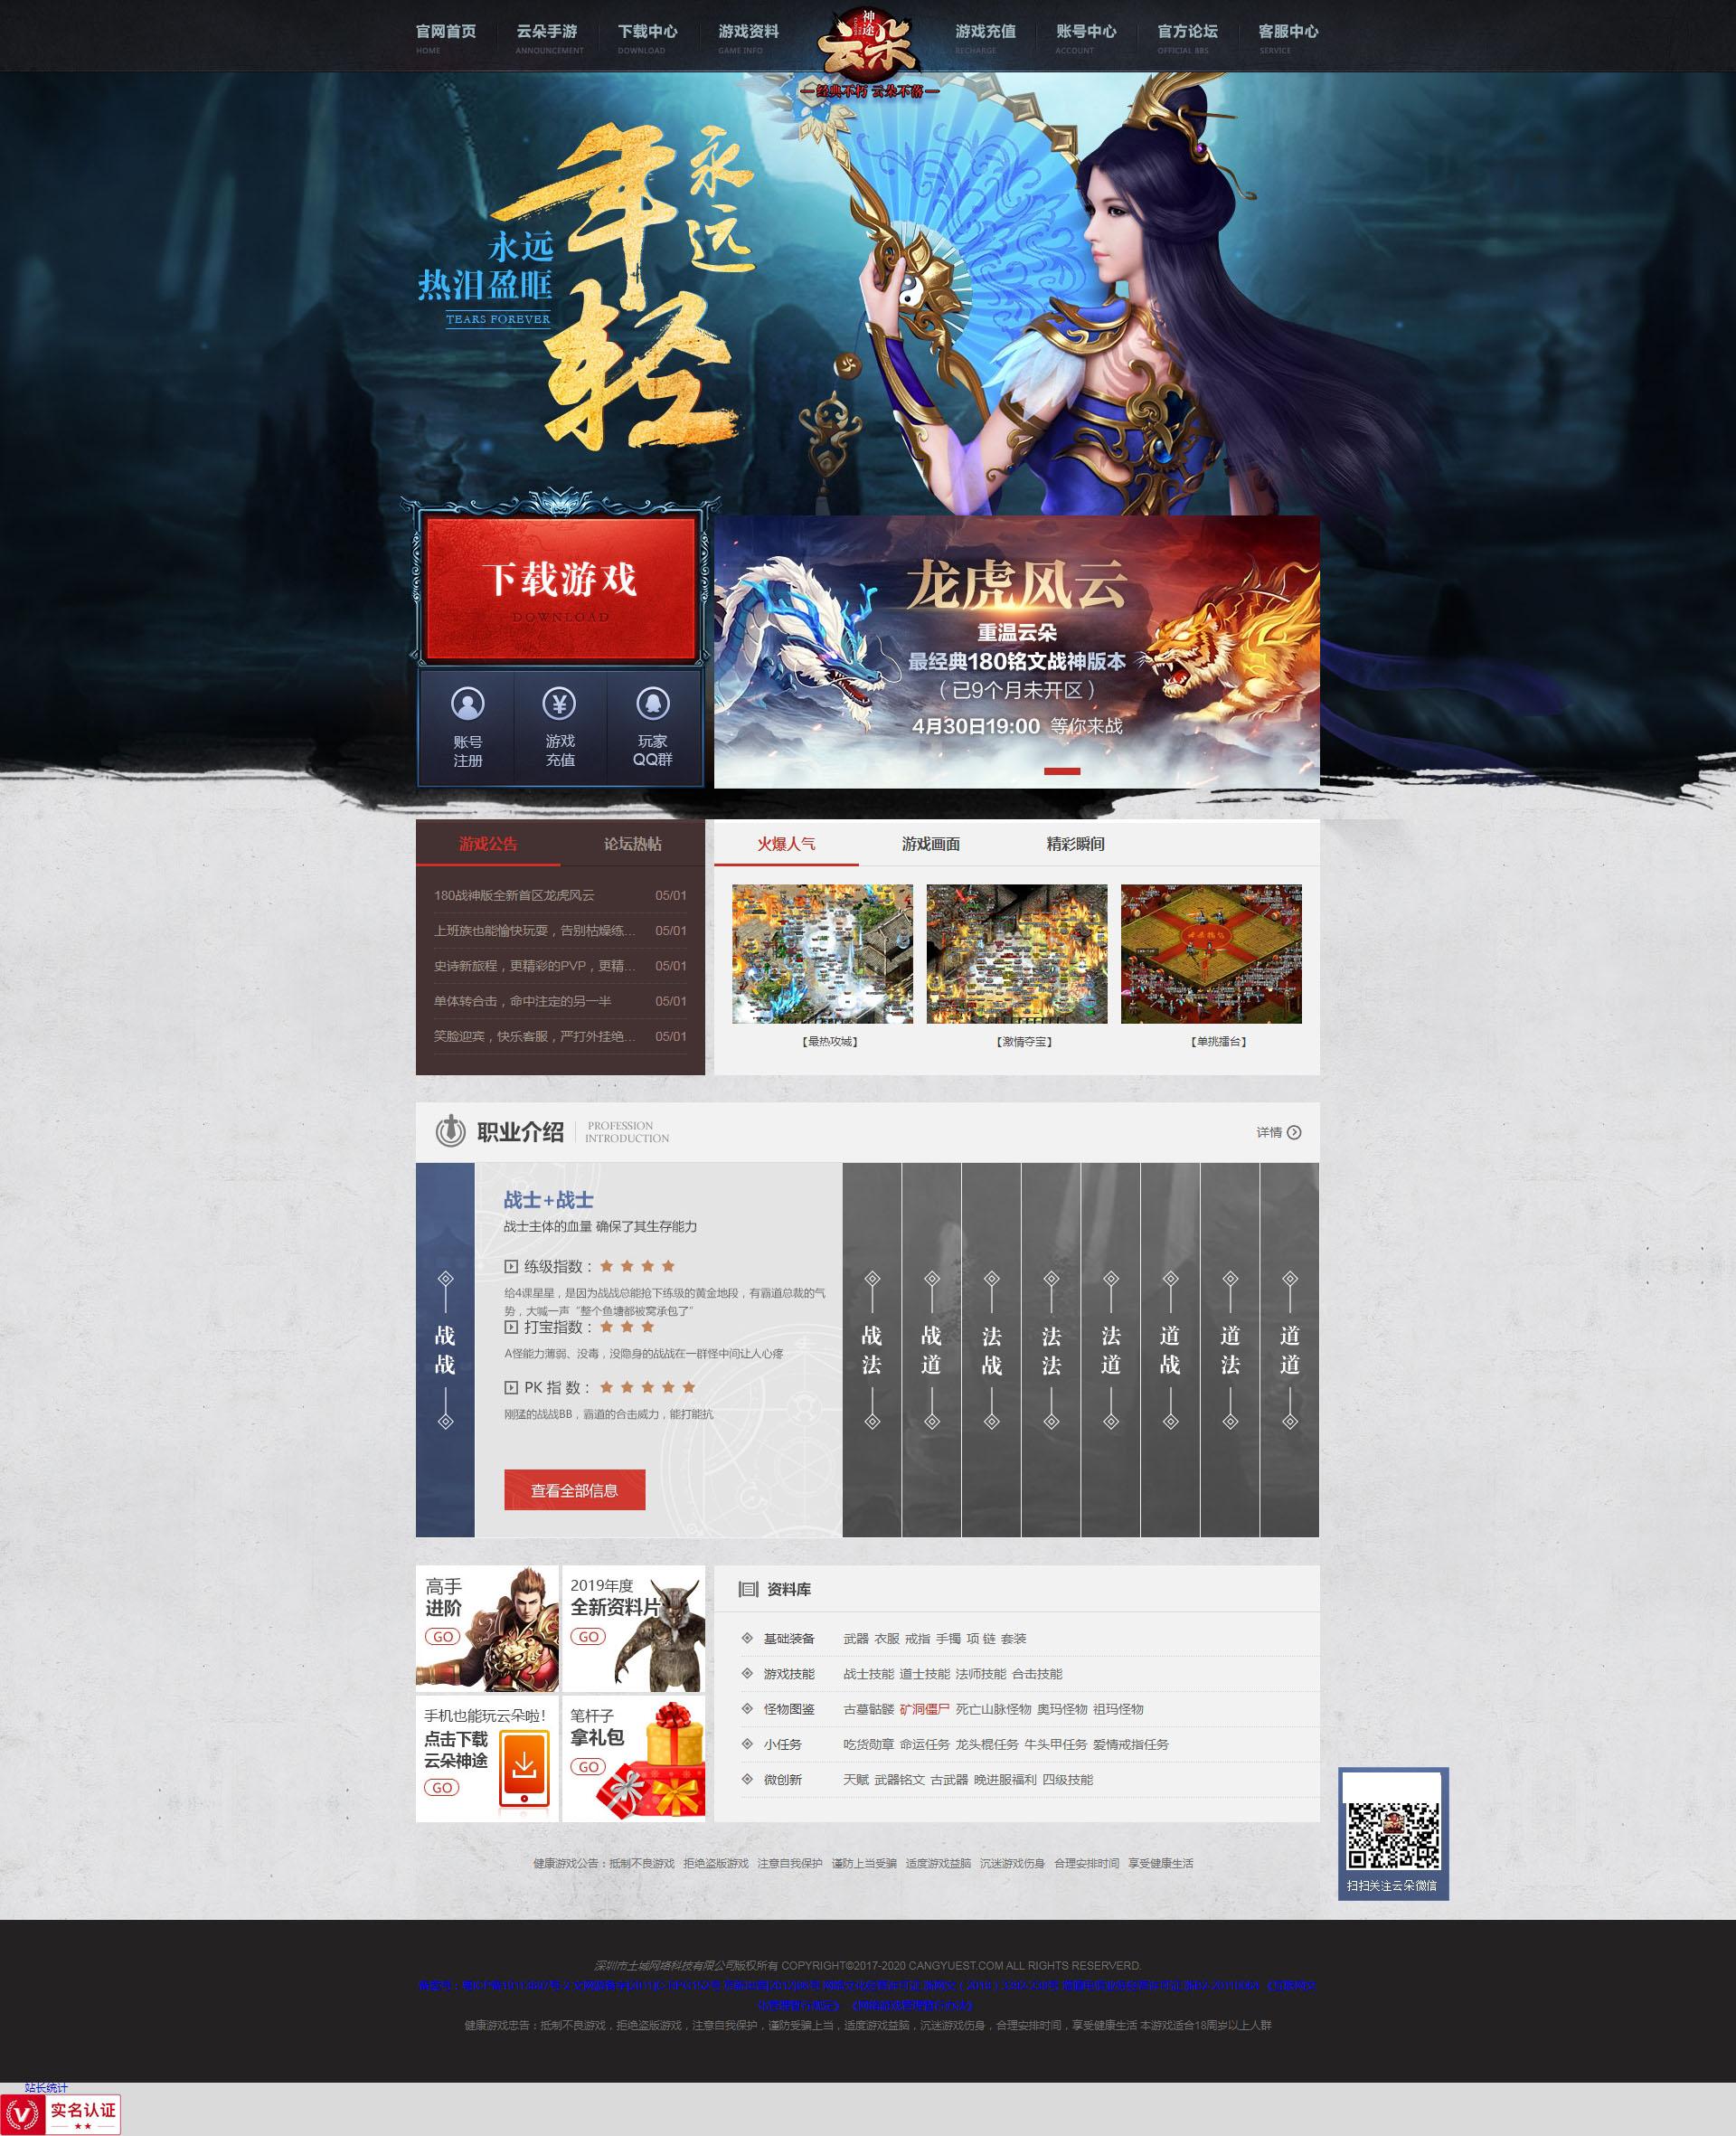 云朵神途网站 游戏网模版PHP传奇源码 官网模板带后台 带手机端